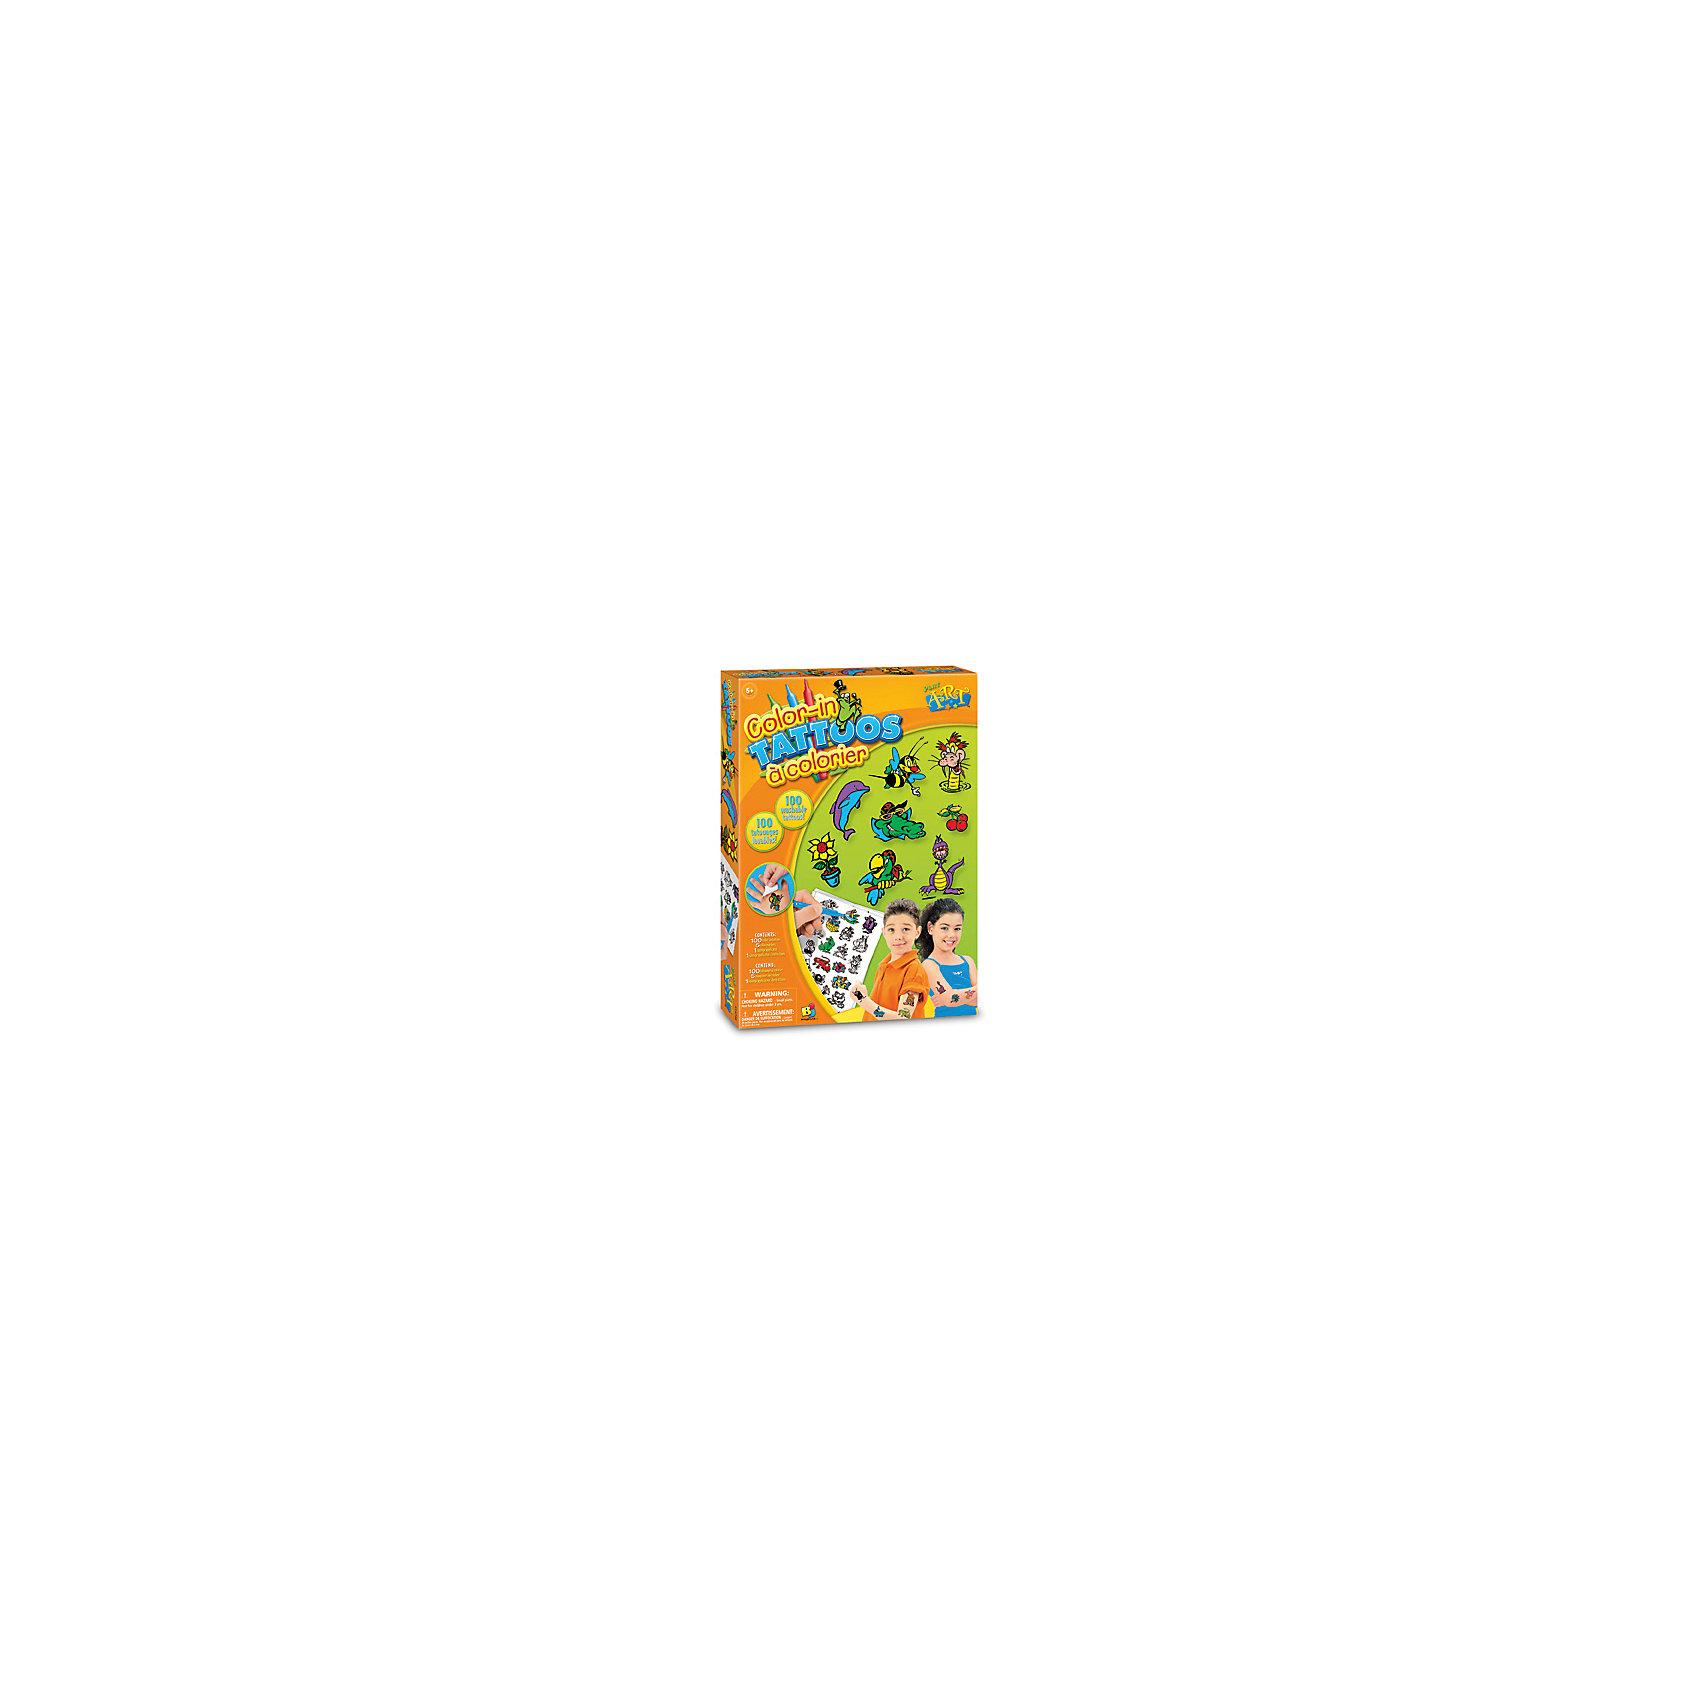 Цветные переводные татуировкиКосметика, грим и парфюмерия<br><br><br>Ширина мм: 297<br>Глубина мм: 40<br>Высота мм: 213<br>Вес г: 184<br>Возраст от месяцев: 60<br>Возраст до месяцев: 168<br>Пол: Унисекс<br>Возраст: Детский<br>SKU: 5511154